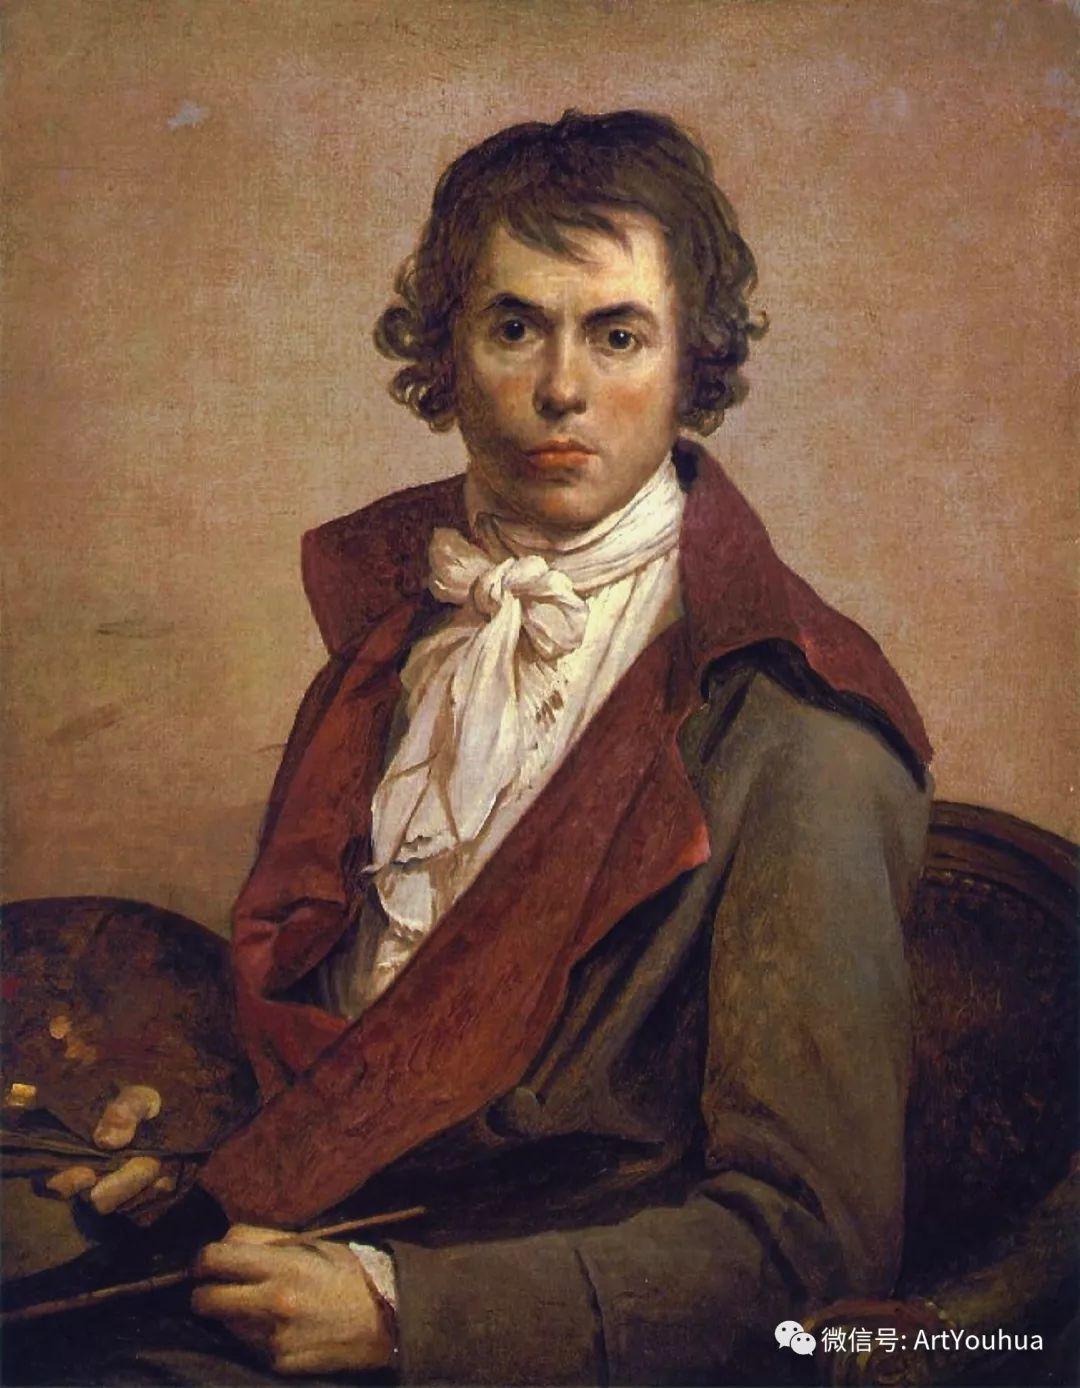 新古典主义开创者 法国Jacques-Louis David插图1